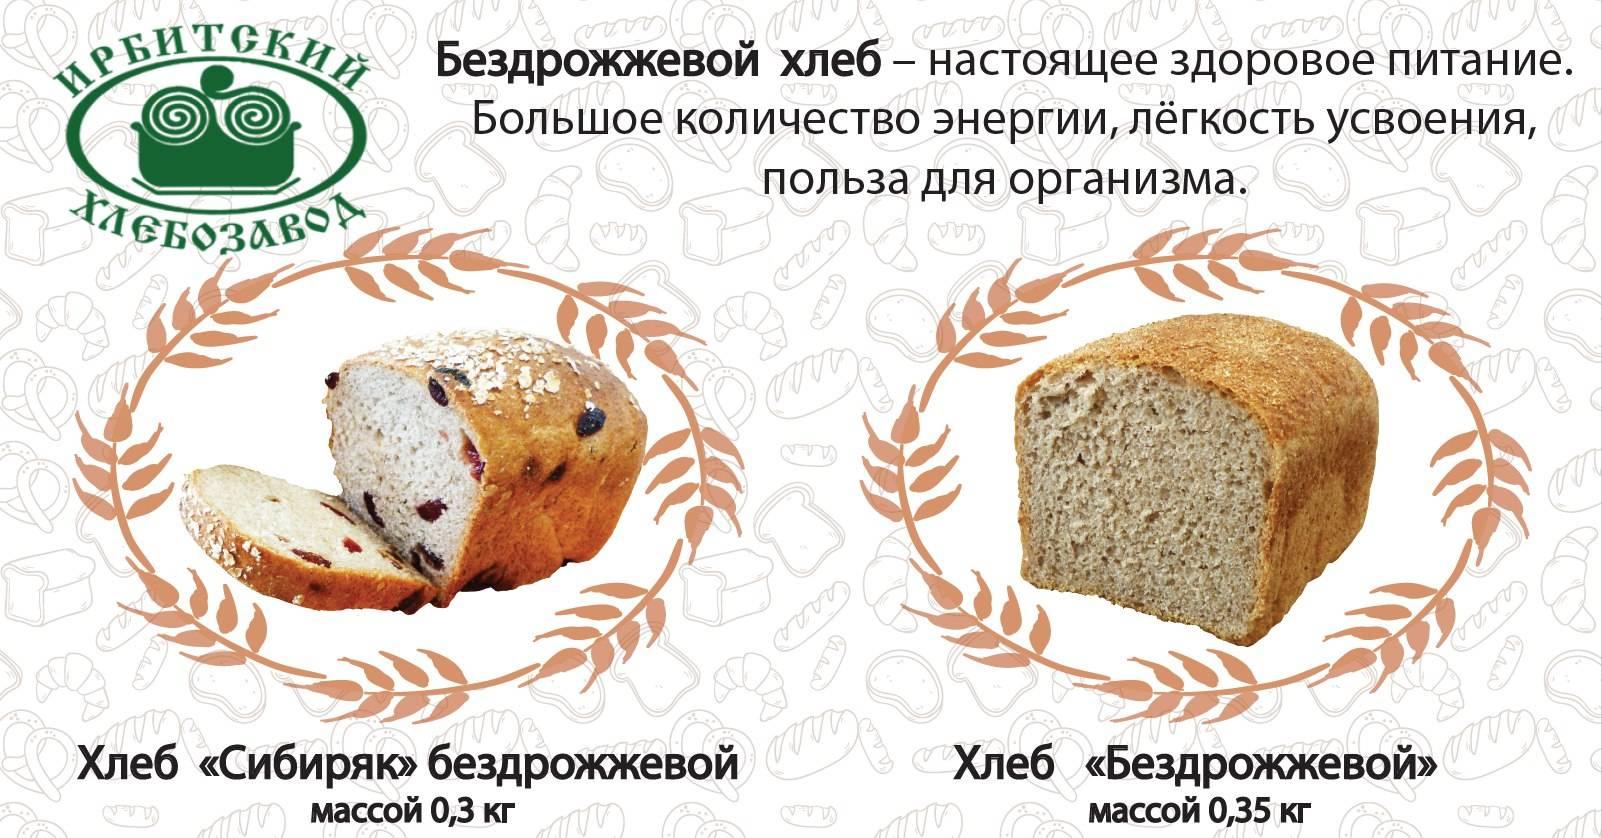 Бездрожжевой хлеб польза и вред для фигуры